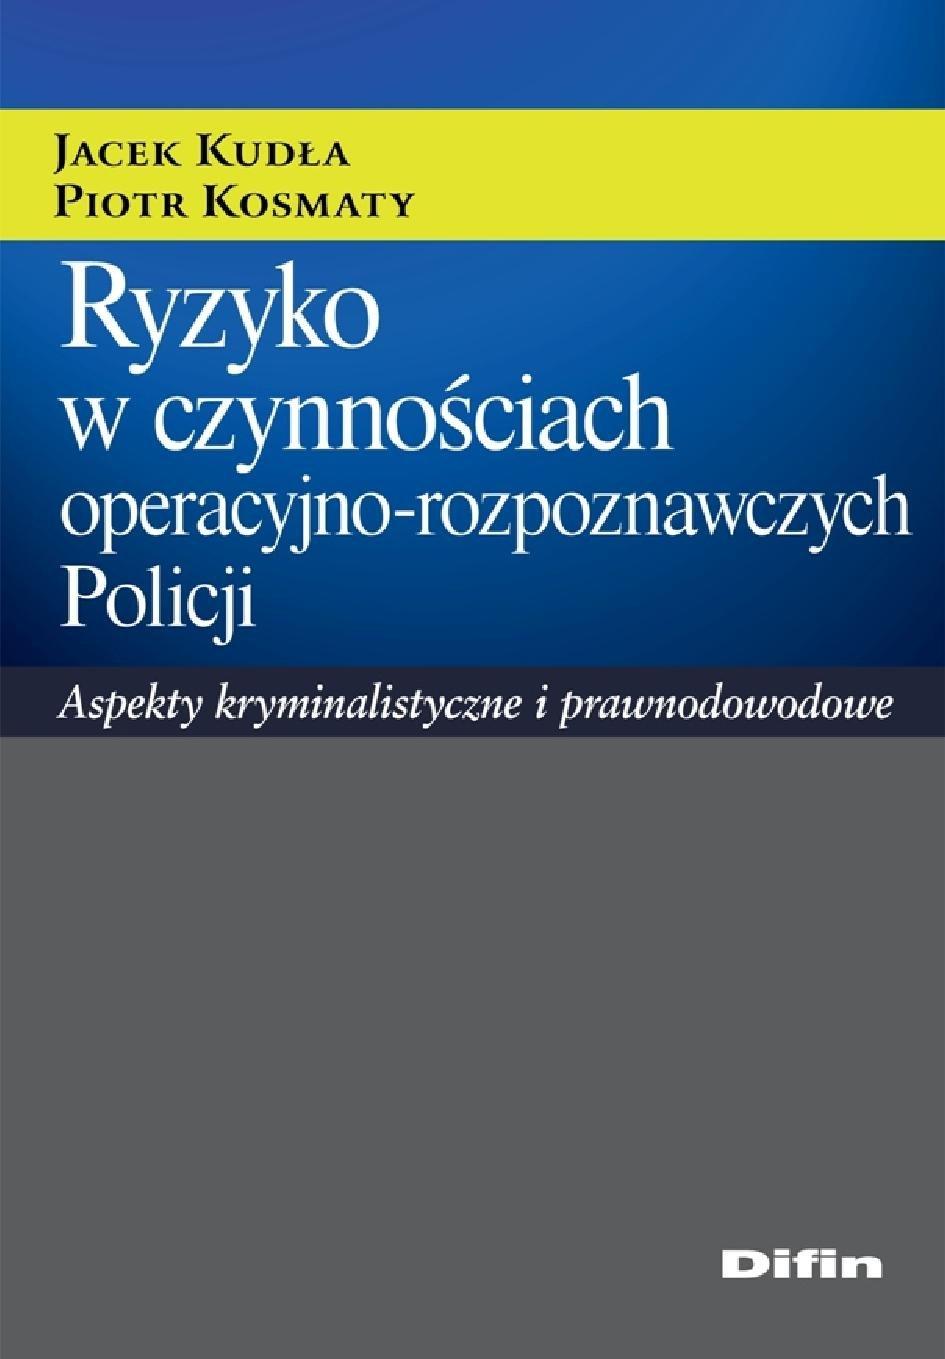 Ryzyko w czynnościach operacyjno-rozpoznawczych Policji. Aspekty kryminalistyczne i prawnodowodowe - Ebook (Książka PDF) do pobrania w formacie PDF